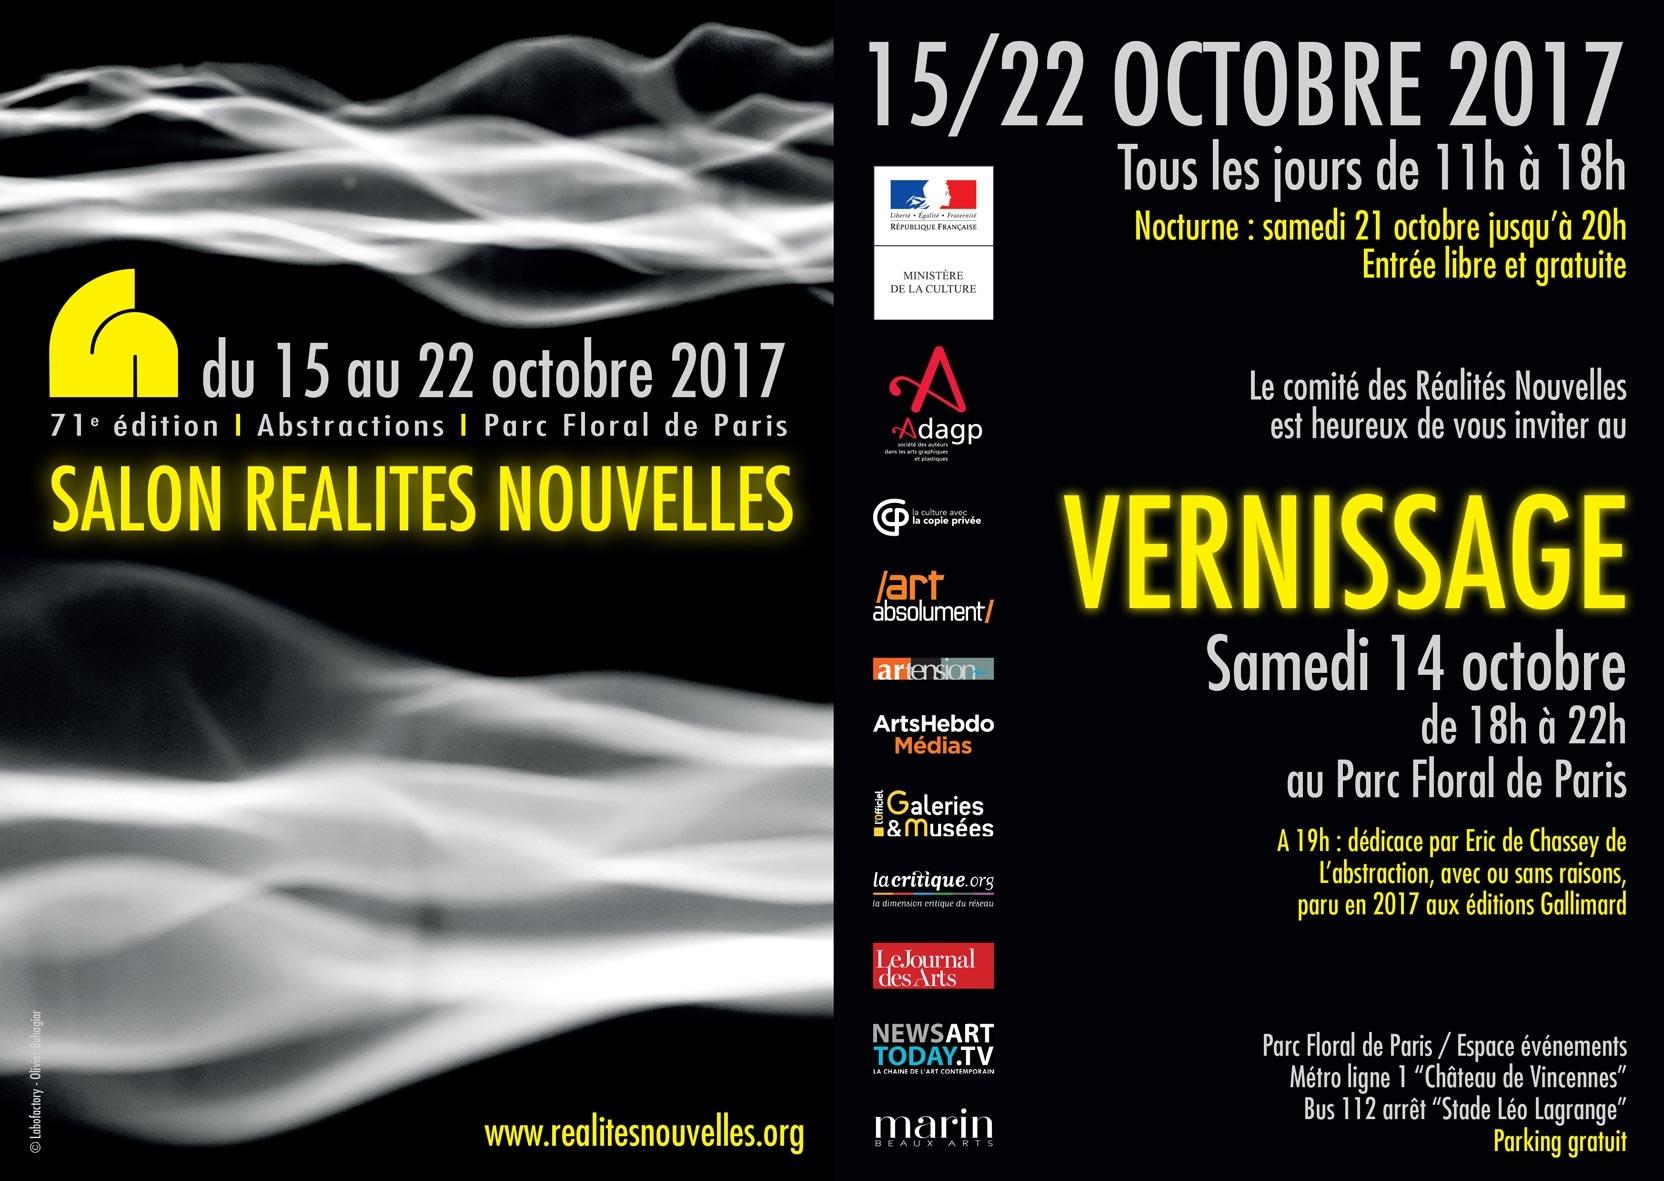 Salon realites nouvelles paris october 2017 saxonsaxon for Salon high tech paris 2017